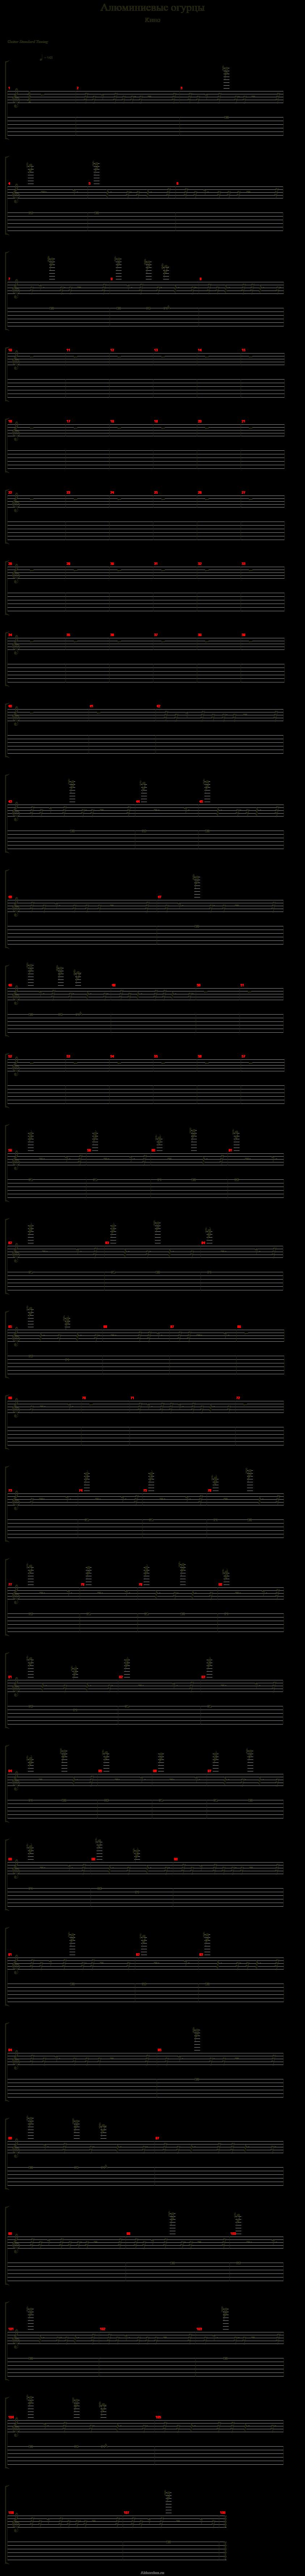 Виктор Цой - Алюминиевые огурцы, аккорды для гитары 475